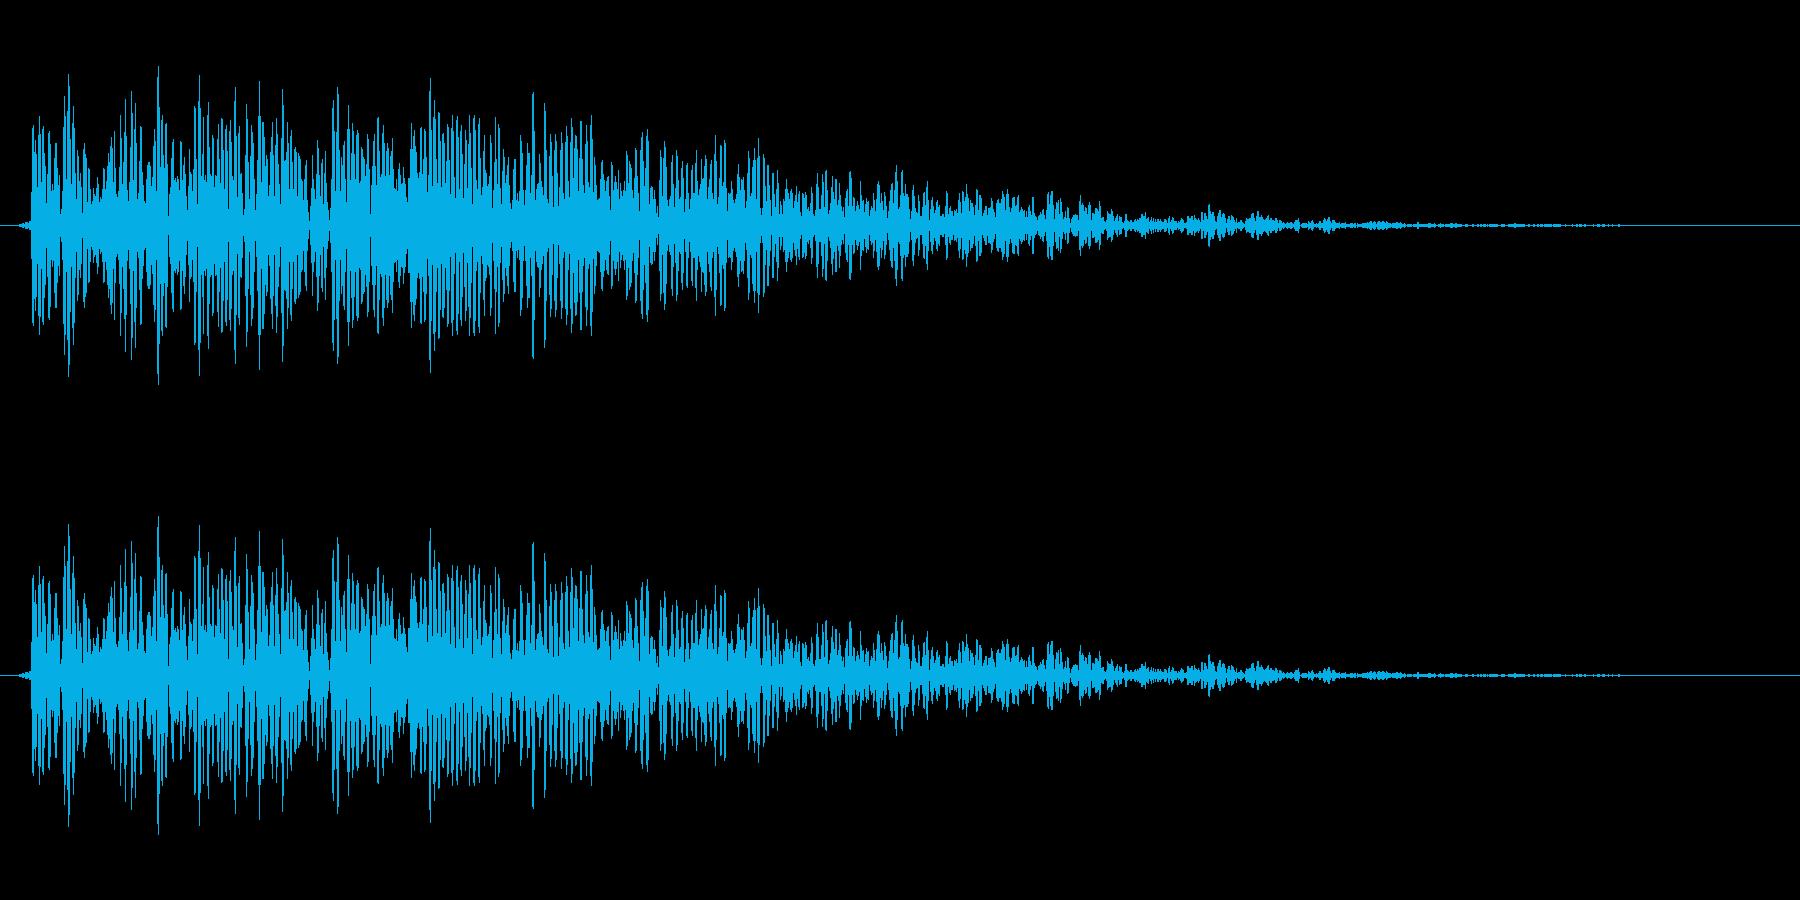 爆発8の再生済みの波形